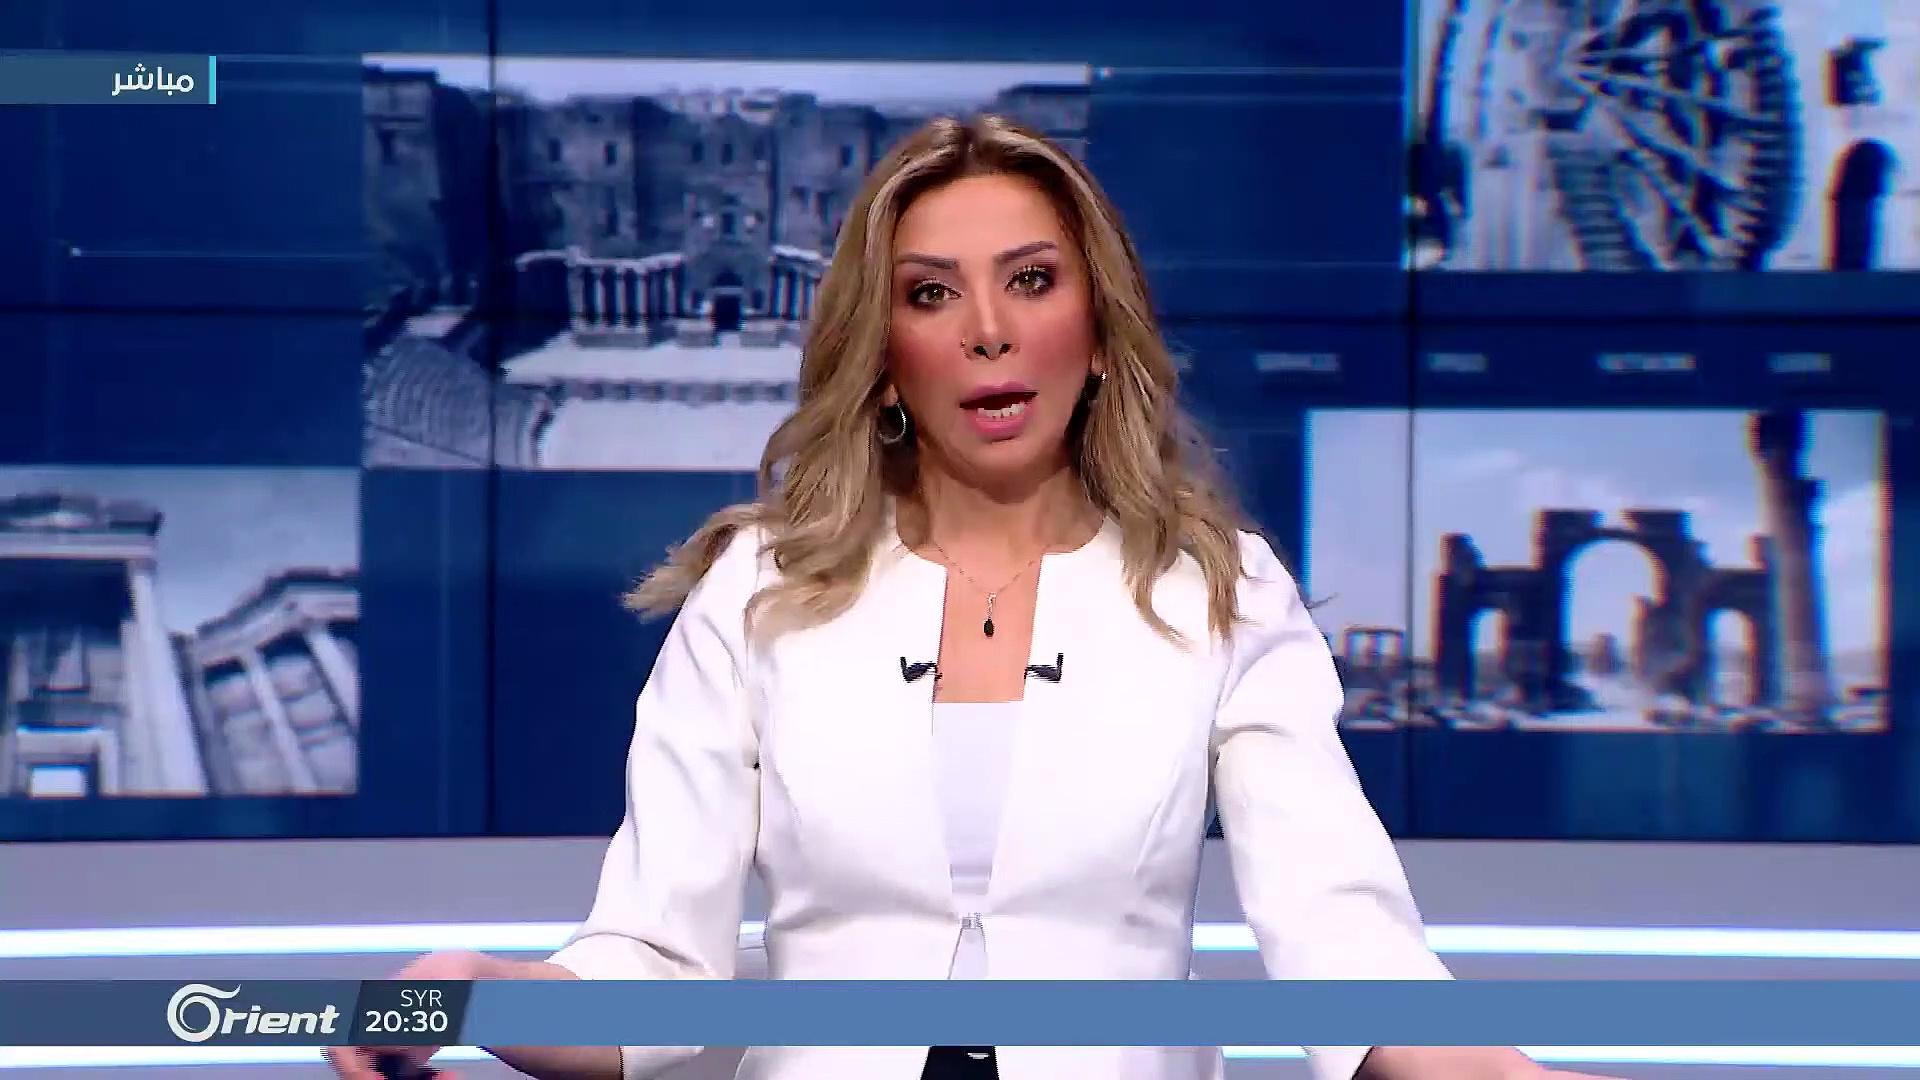 فيروس كورونا… هل وصل فعلاً إلى سوريا؟ – هنا سوريا